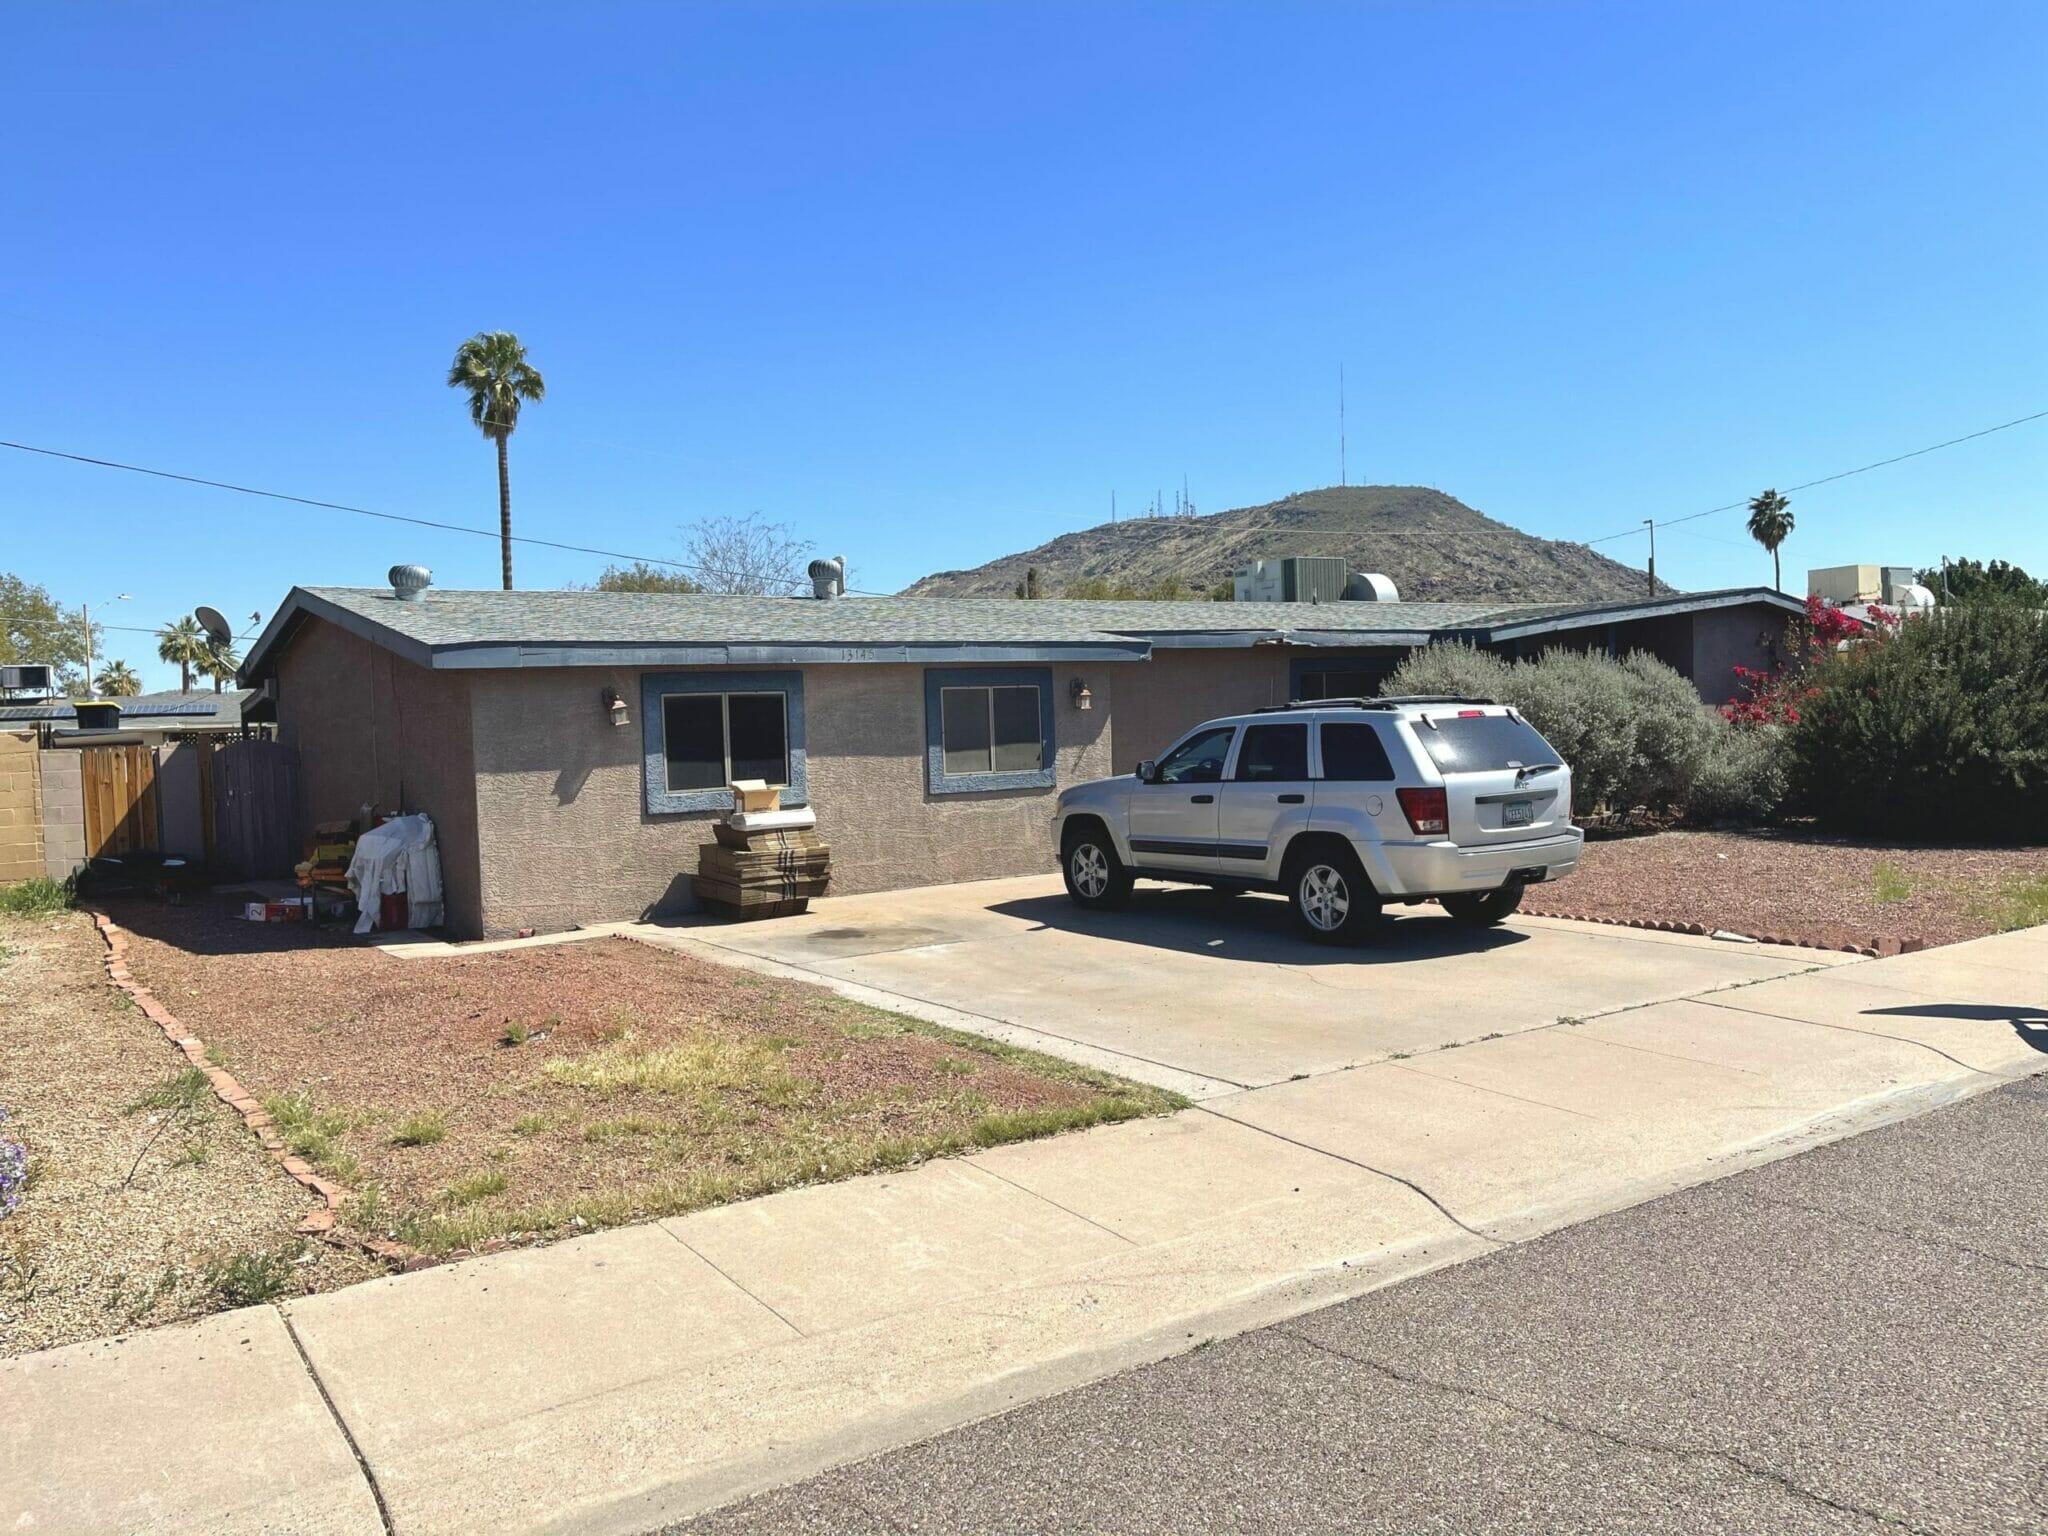 13145 N 21St Ave, Phoenix, AZ 85029